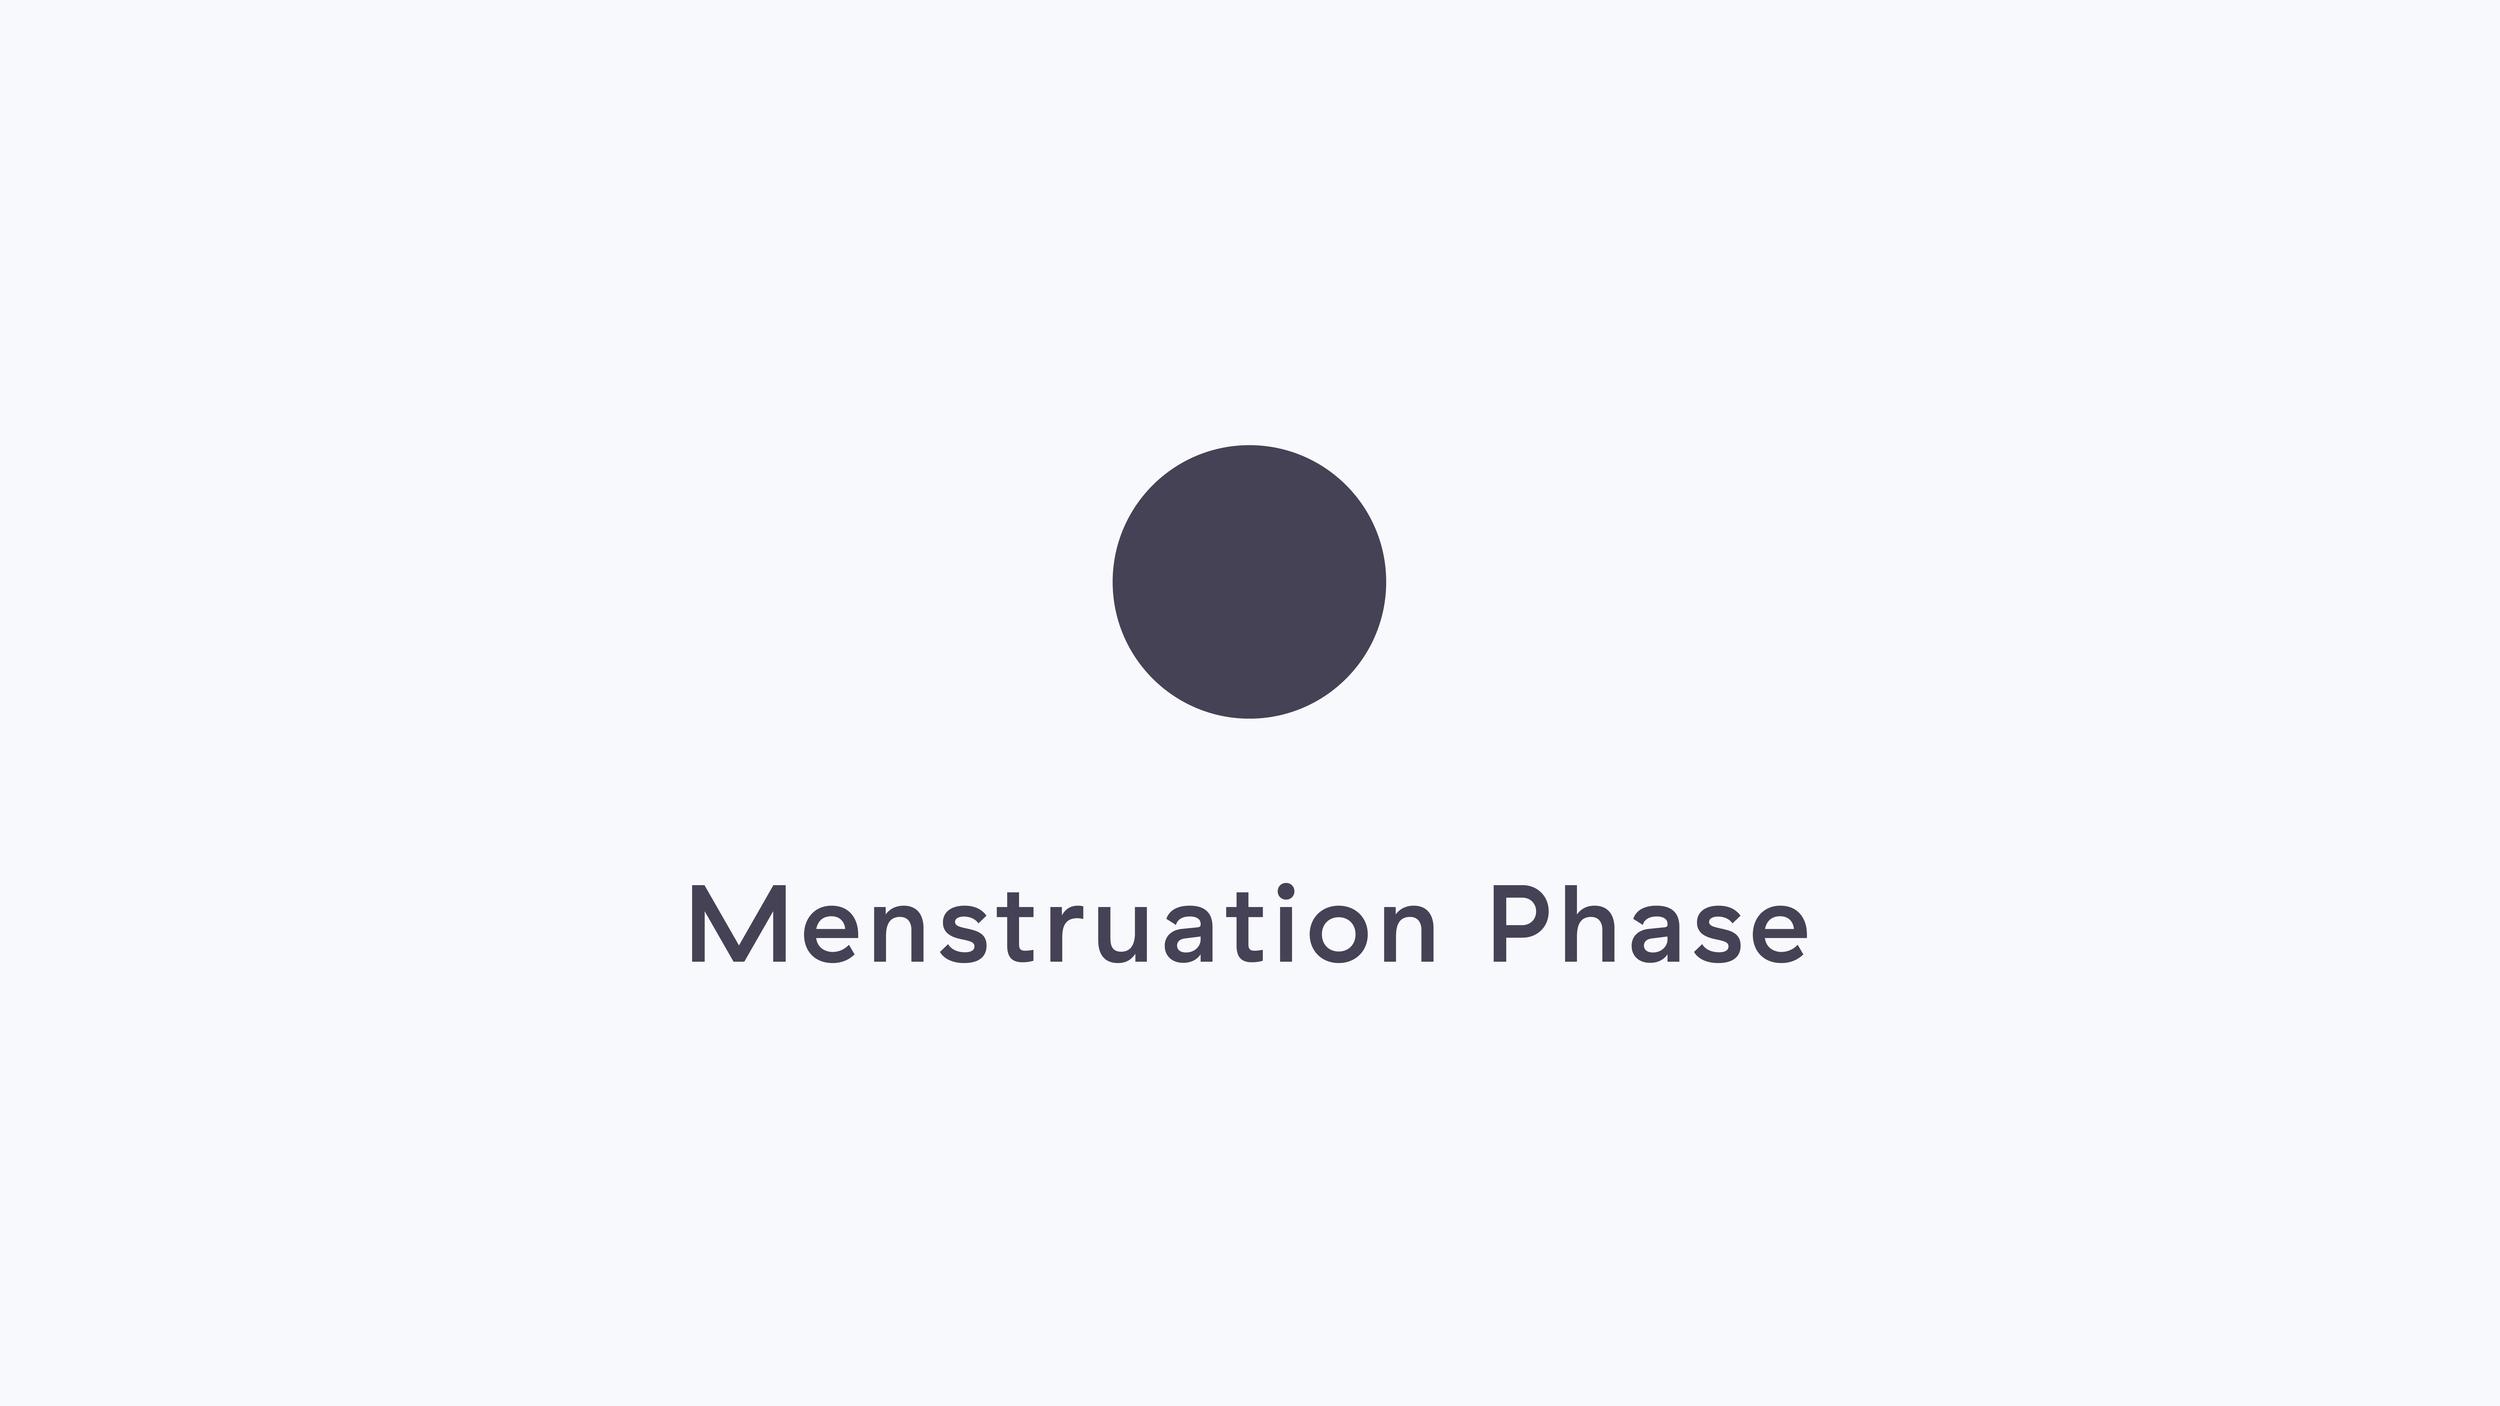 4-Menstruation.png